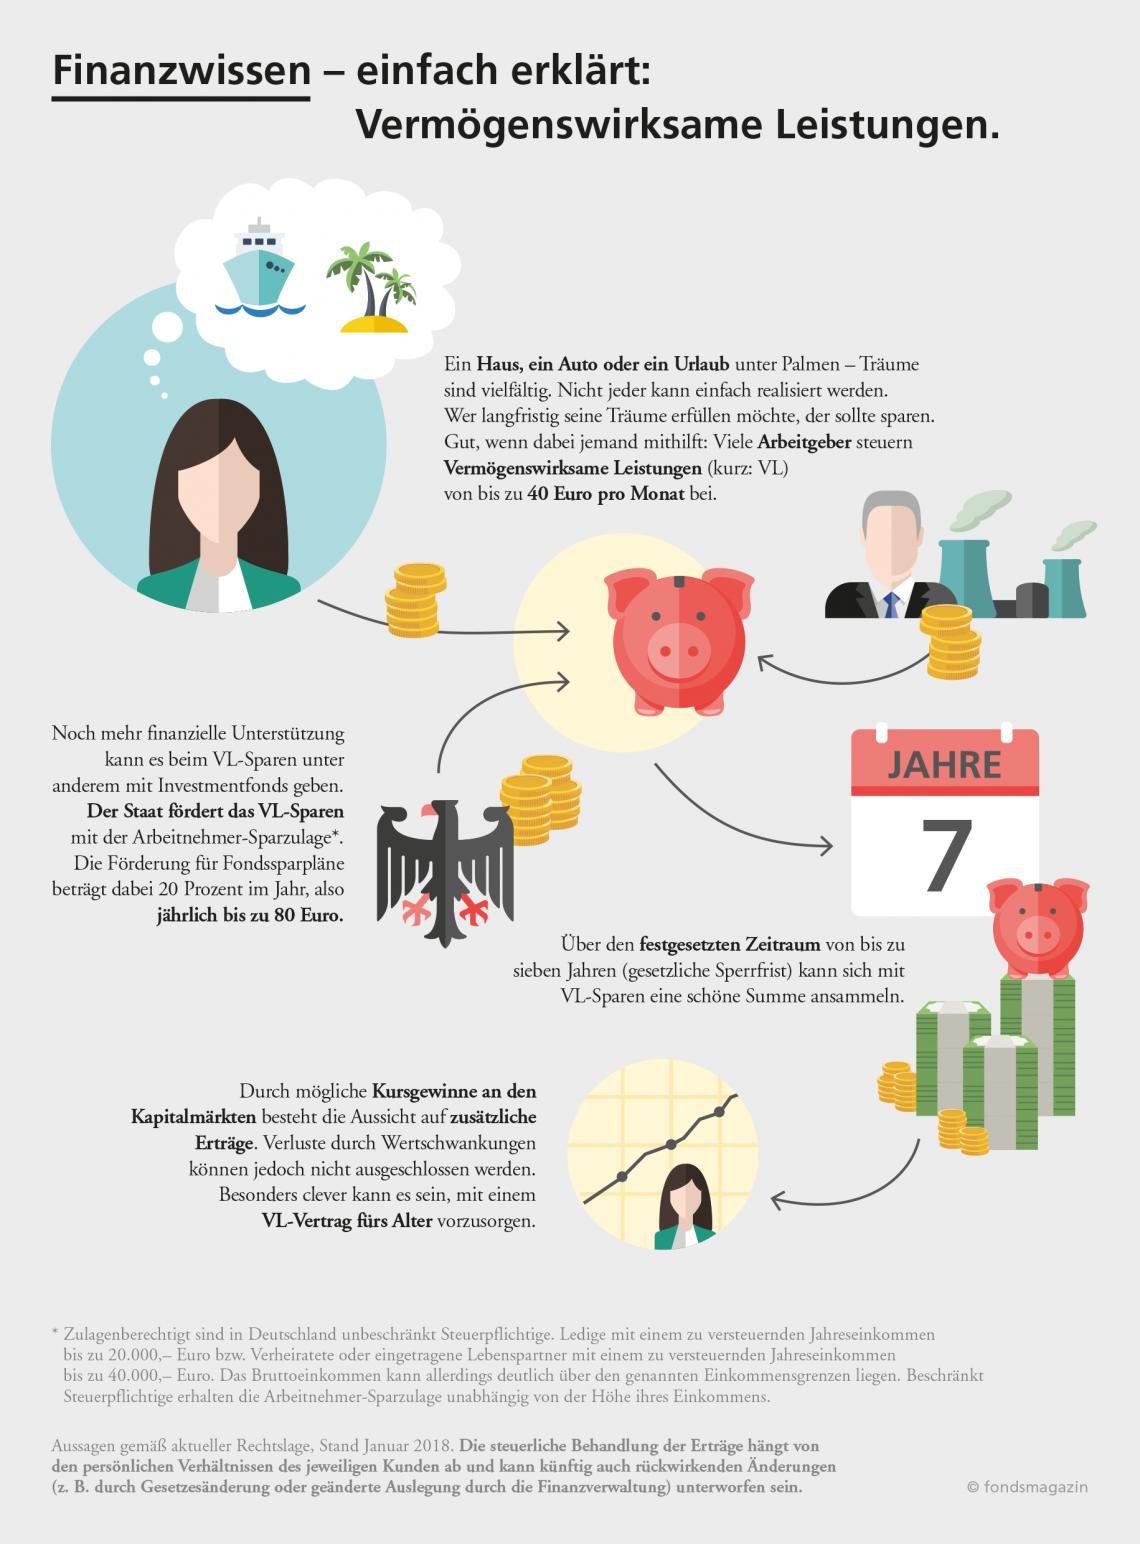 Vermögenswirksame Leistungen Comdirect